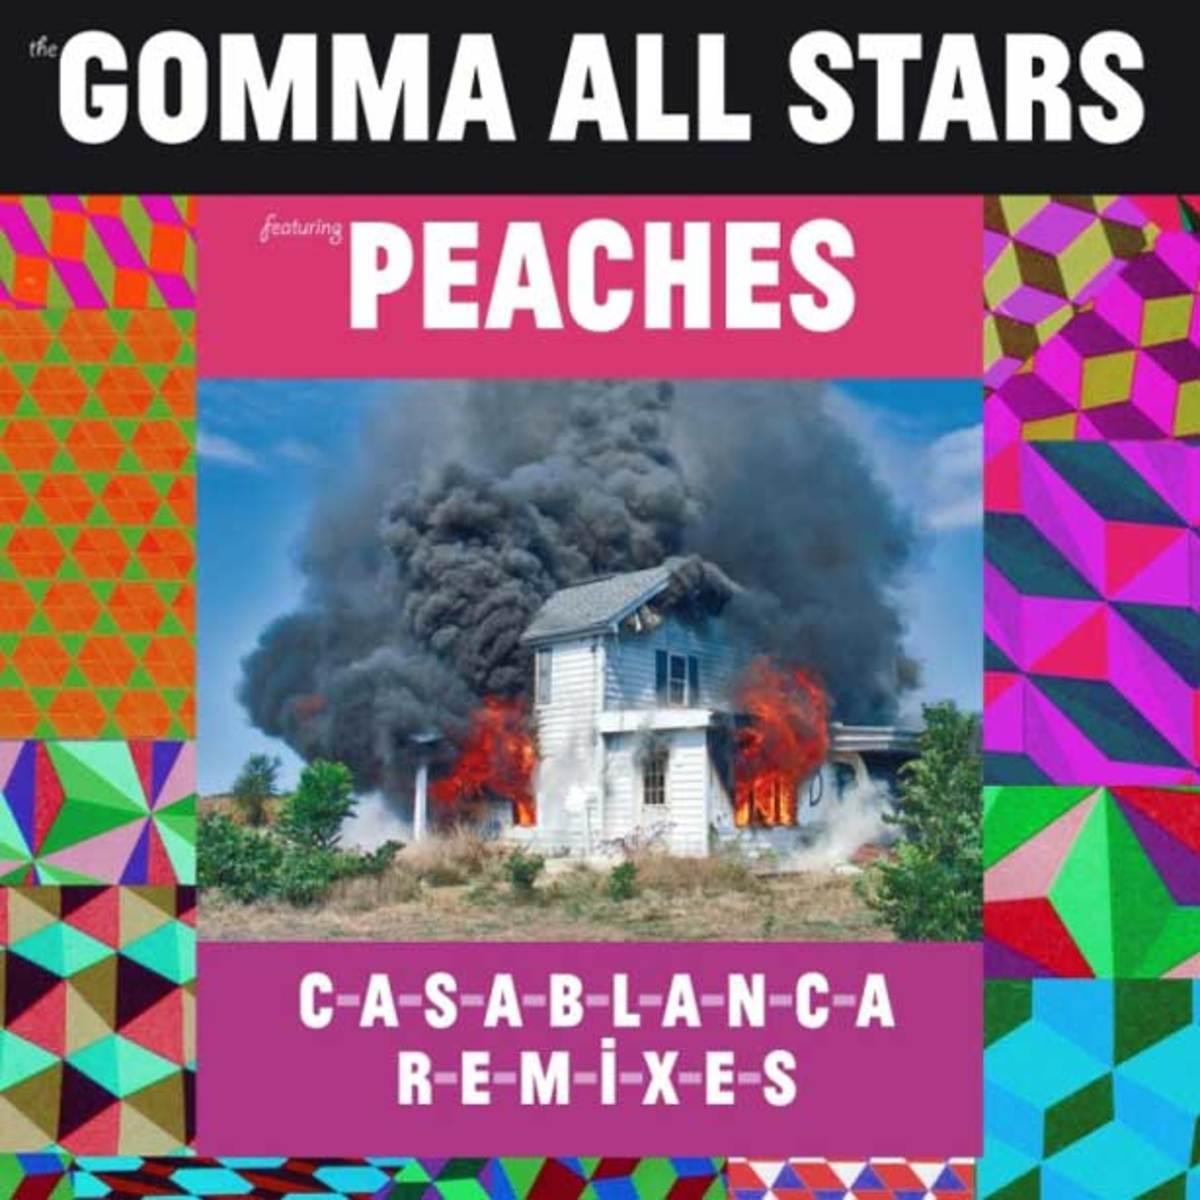 gomma.remixes